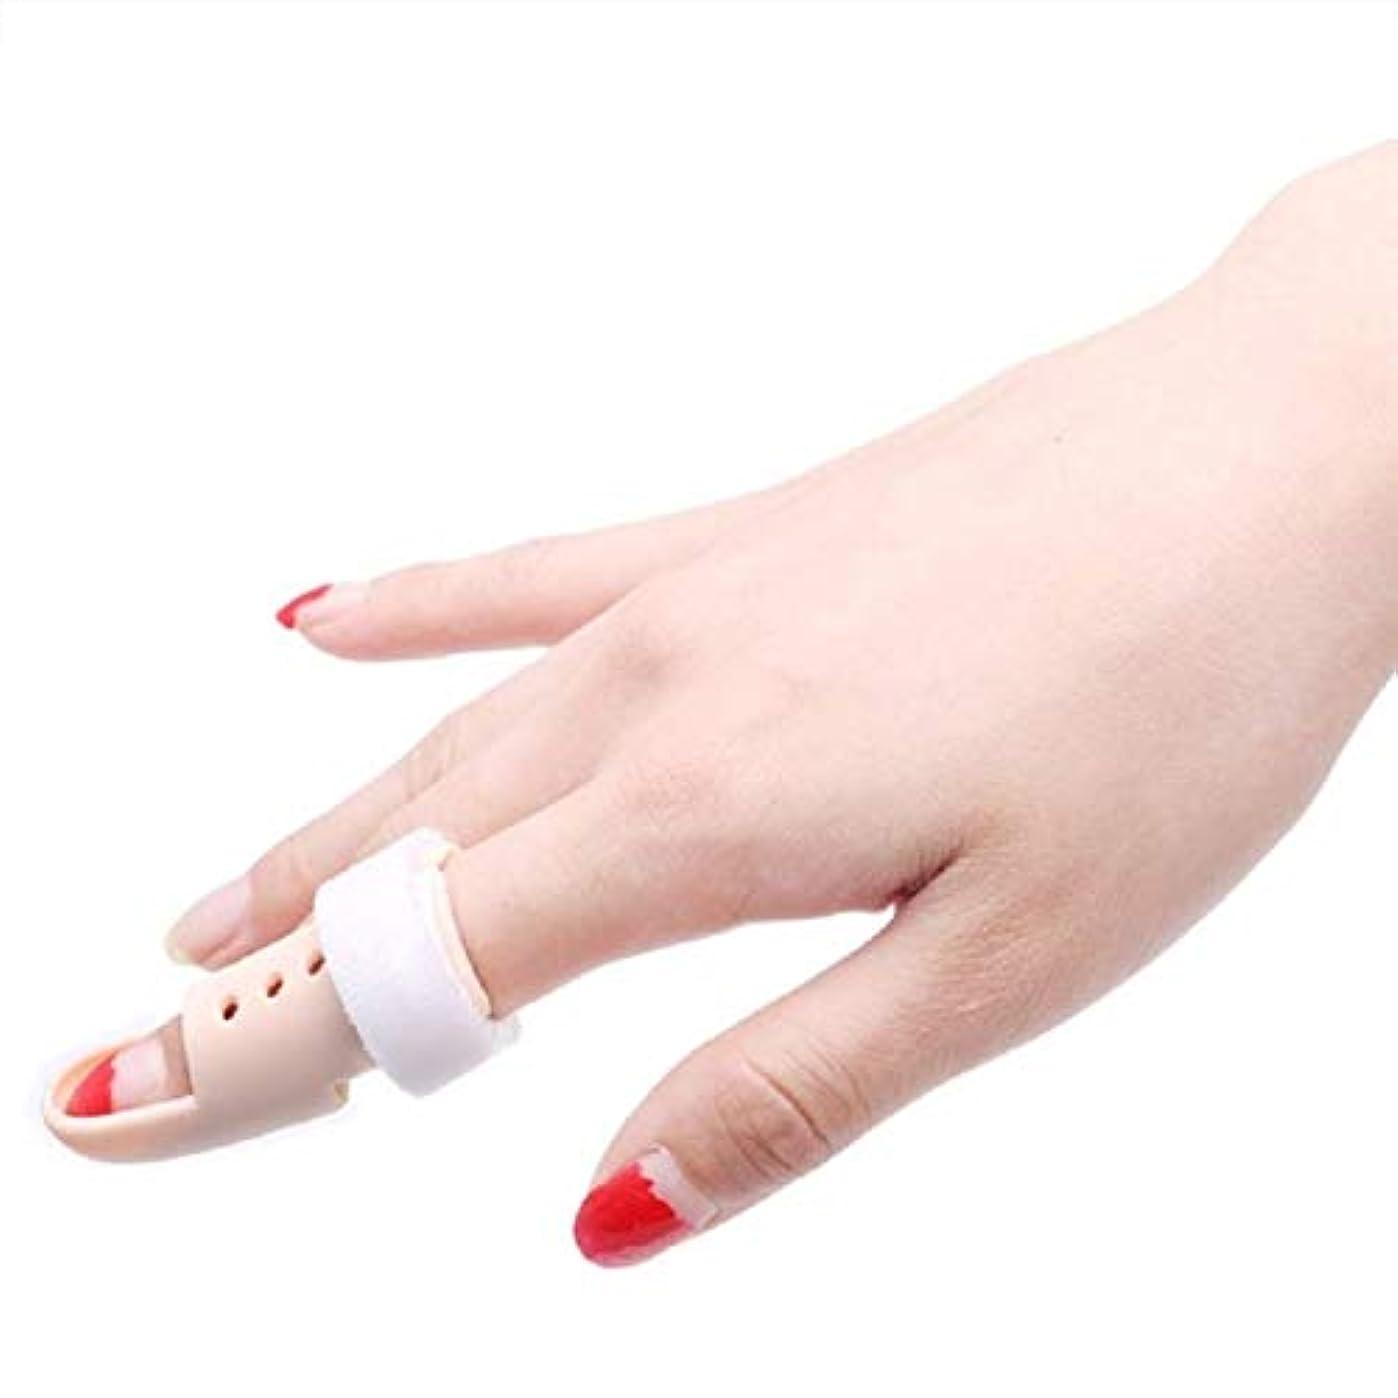 平らにする保証潜むサポートスプリントは、ばね指スプリント、マレットフィンガーブレースは、痛みを和らげる指 (Size : L)